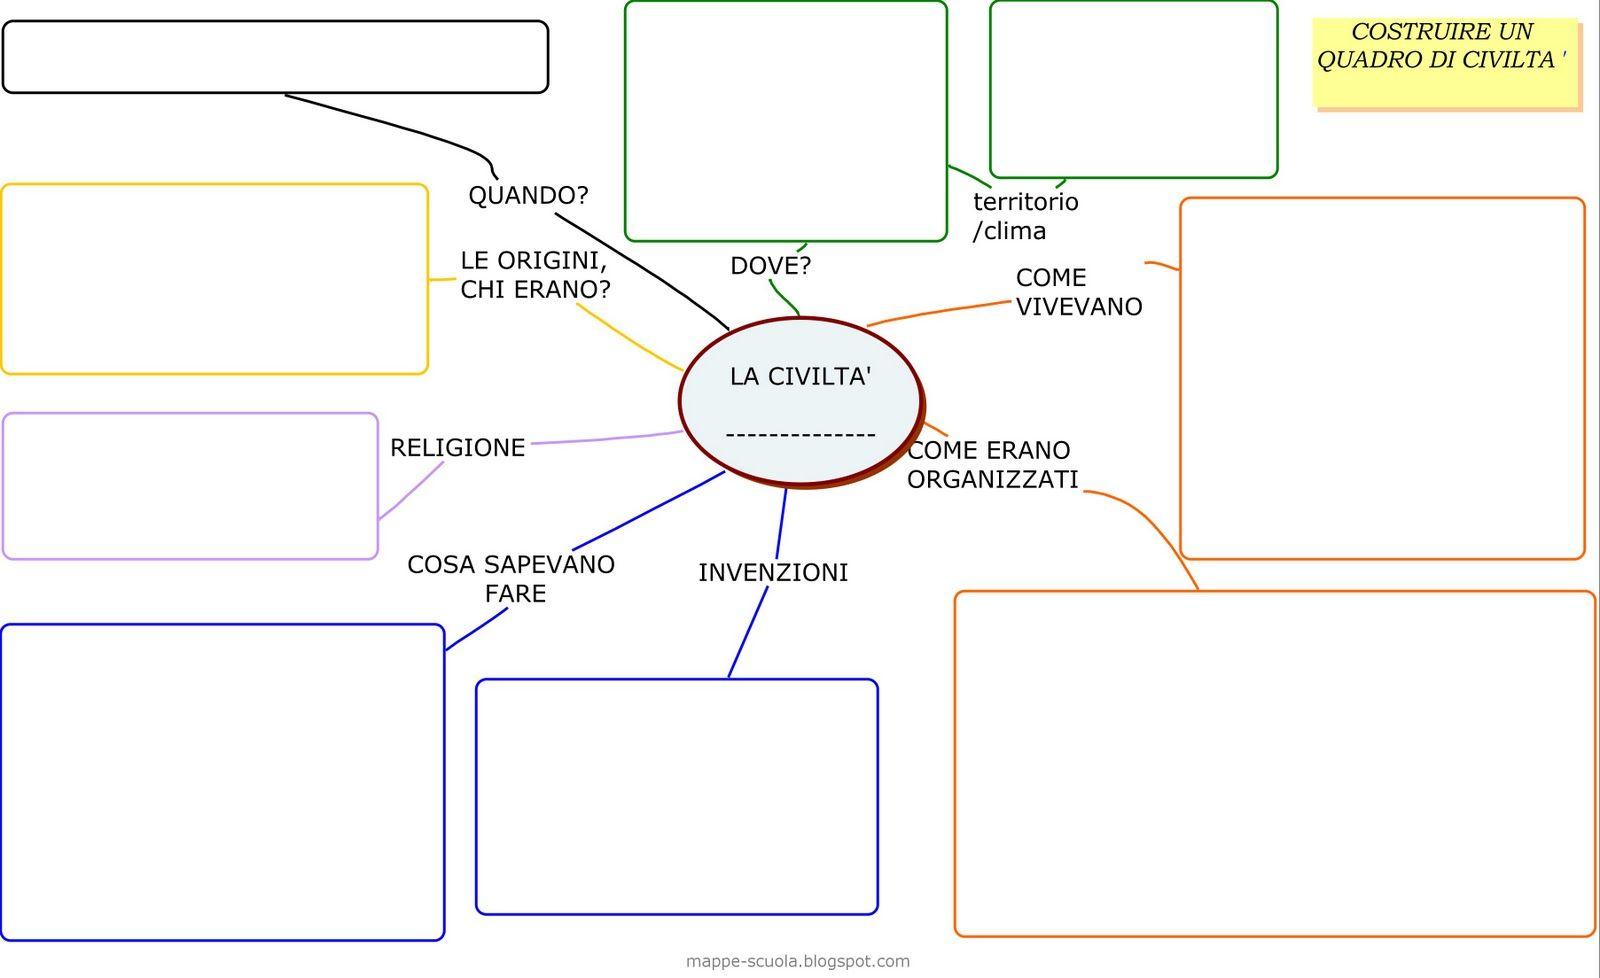 Populaire Schema per aiutare a definire gli elementi essenziali da ricordare  DD33